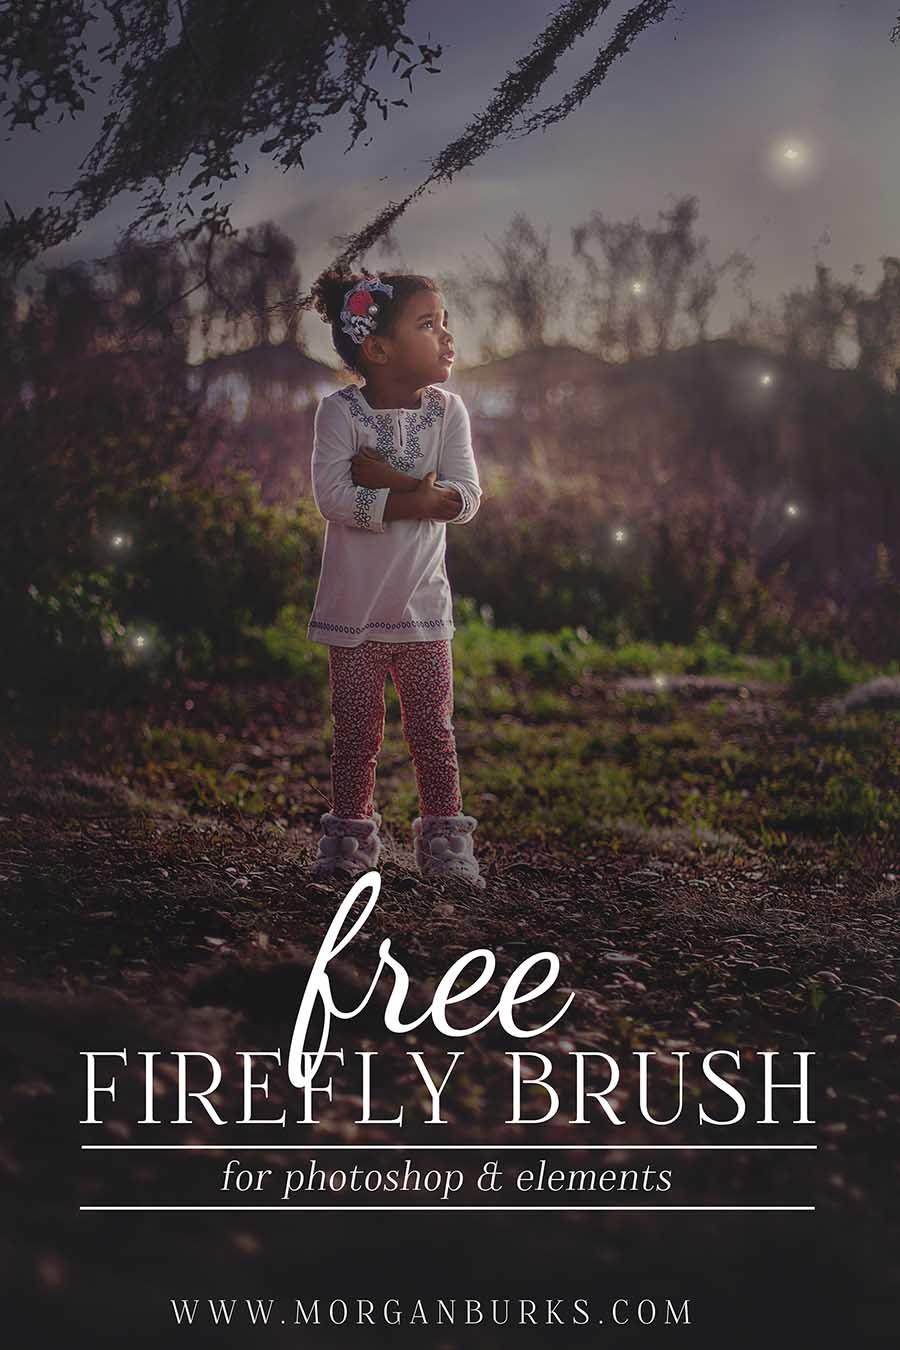 Free-Firefly-Brush-Photoshop